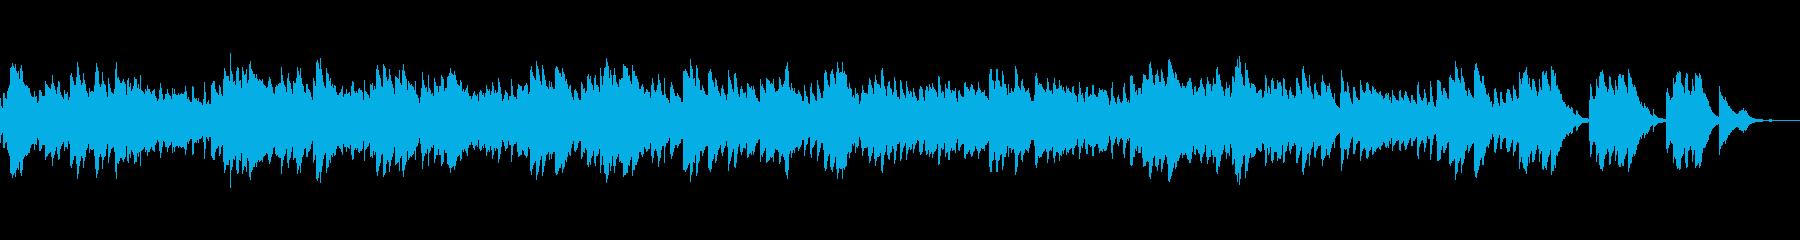 自律神経に寄り添う ラ・カンパネラの再生済みの波形